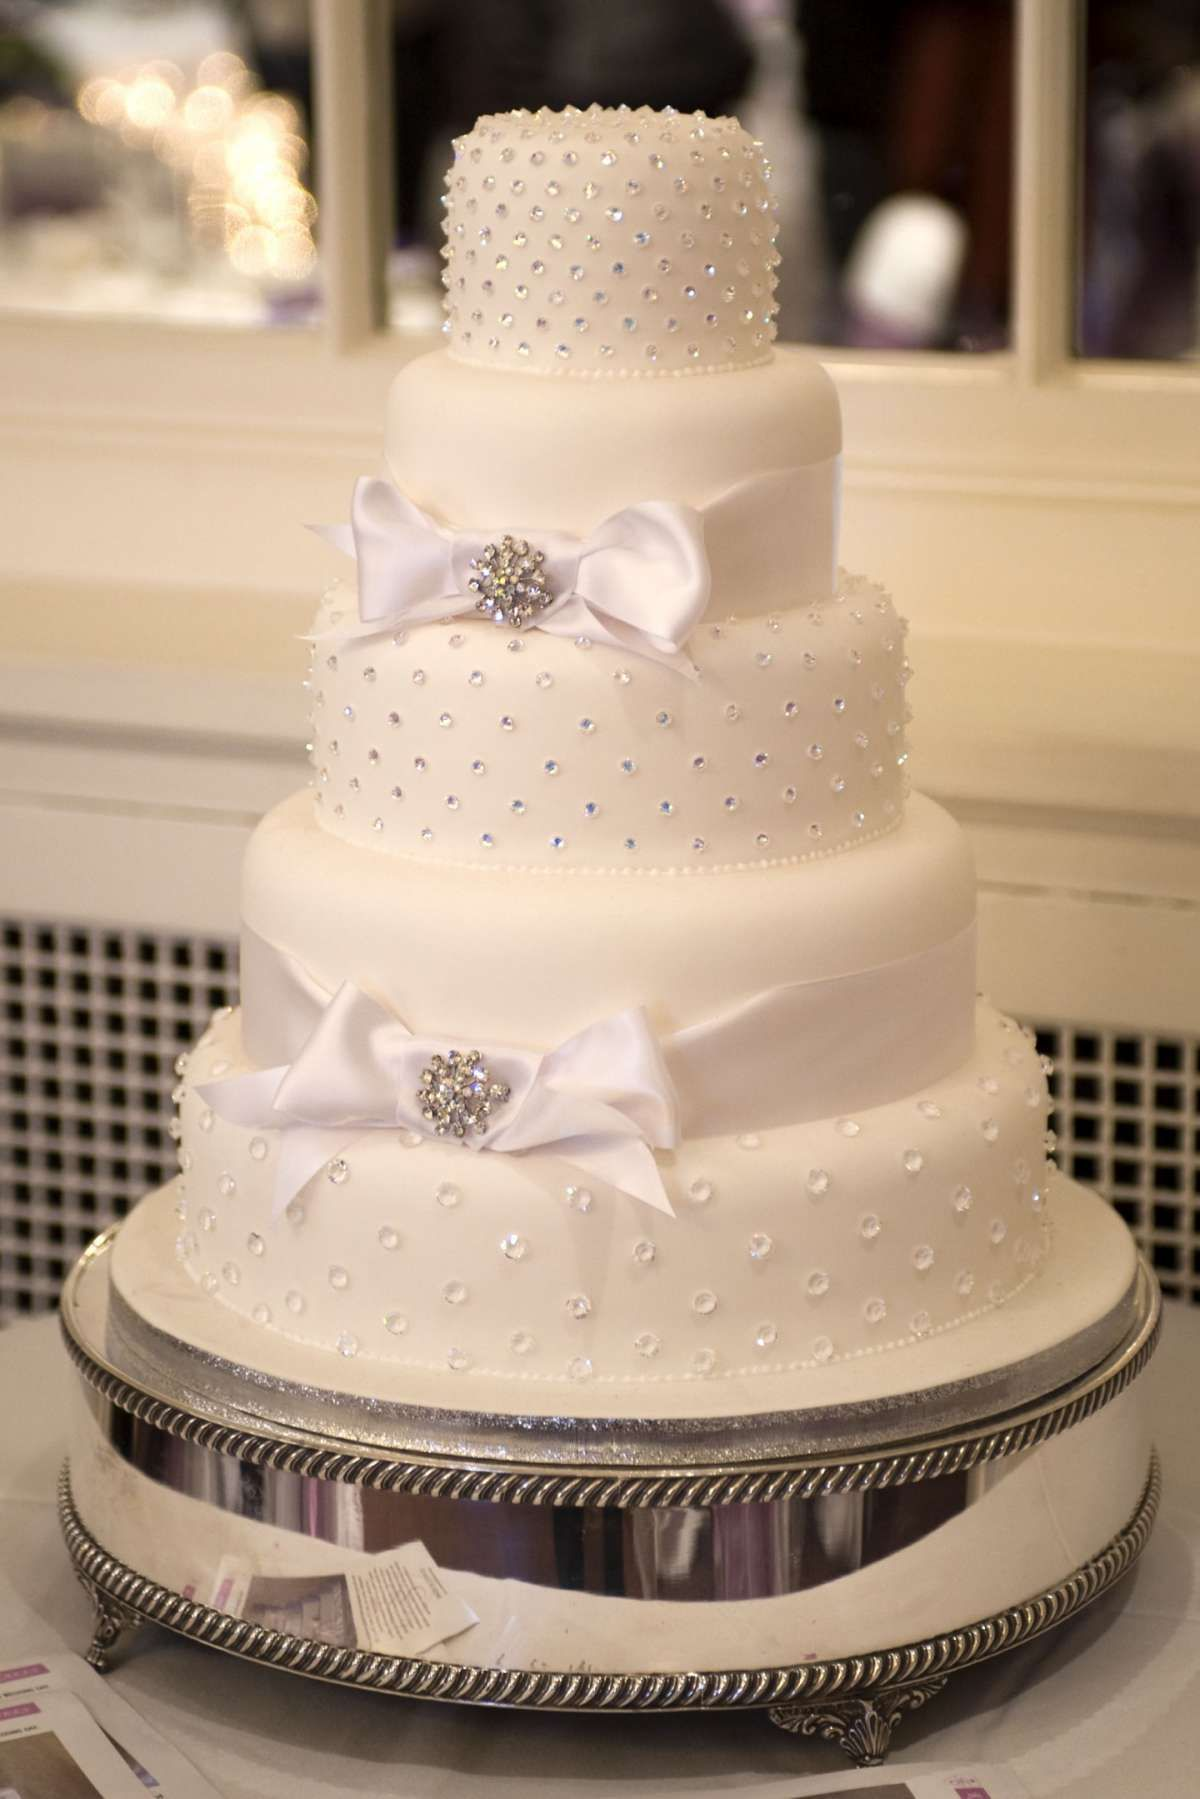 Torta nuziale con strass e zuccherini argento Eleganti Torte Nuziali, Torte  Matrimonio Piccole, Belle